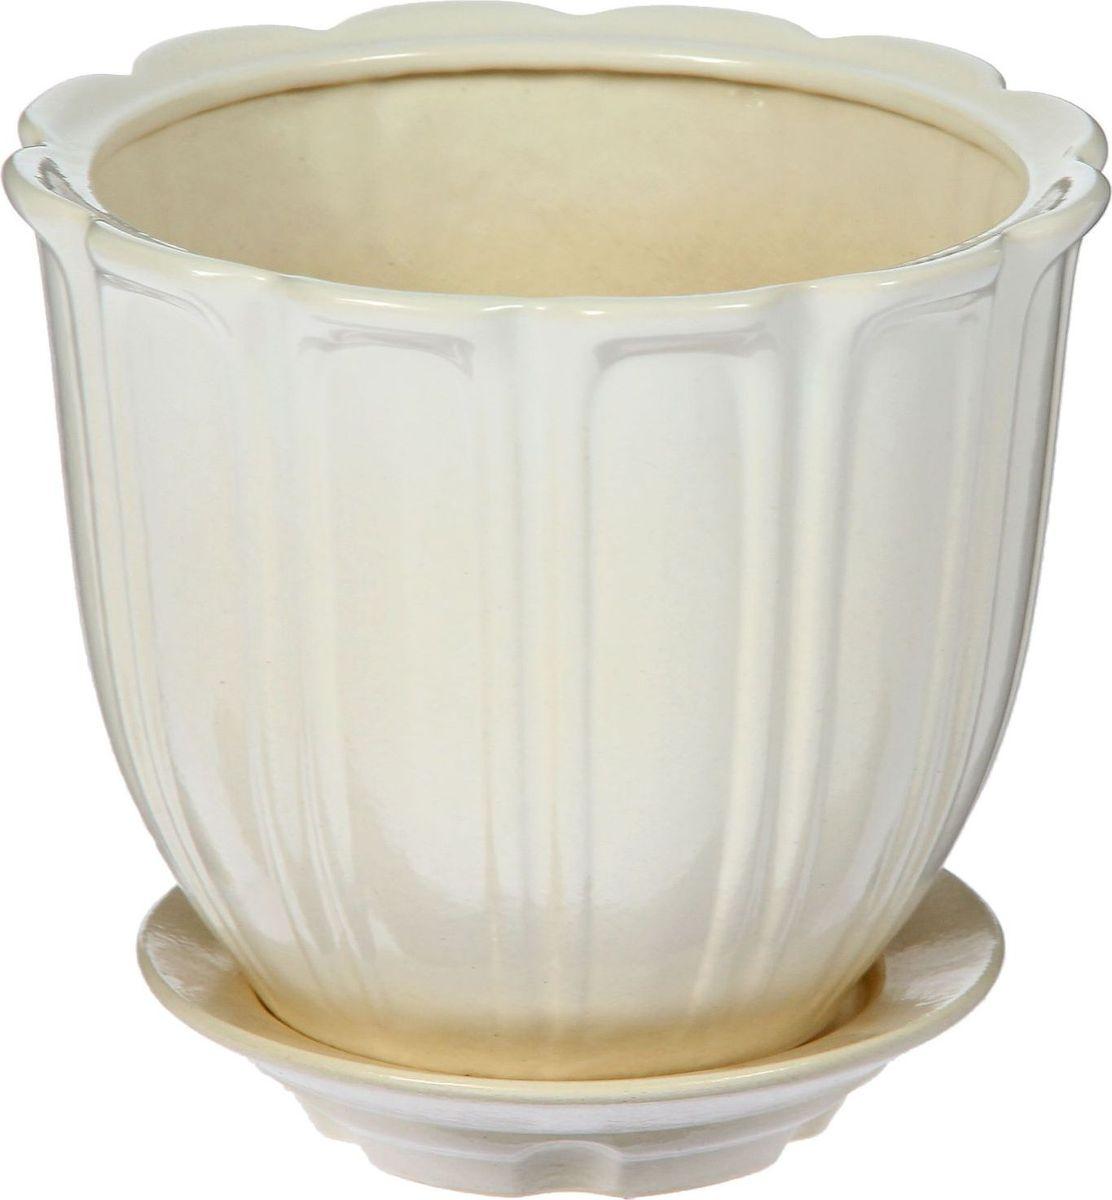 Кашпо Элита, цвет: белый, 5,5 л1378290Комнатные растения — всеобщие любимцы. Они радуют глаз, насыщают помещение кислородом и украшают пространство. Каждому из них необходим свой удобный и красивый дом. Кашпо из керамики прекрасно подходят для высадки растений: за счёт пластичности глины и разных способов обработки существует великое множество форм и дизайновпористый материал позволяет испаряться лишней влагевоздух, необходимый для дыхания корней, проникает сквозь керамические стенки! #name# позаботится о зелёном питомце, освежит интерьер и подчеркнёт его стиль.